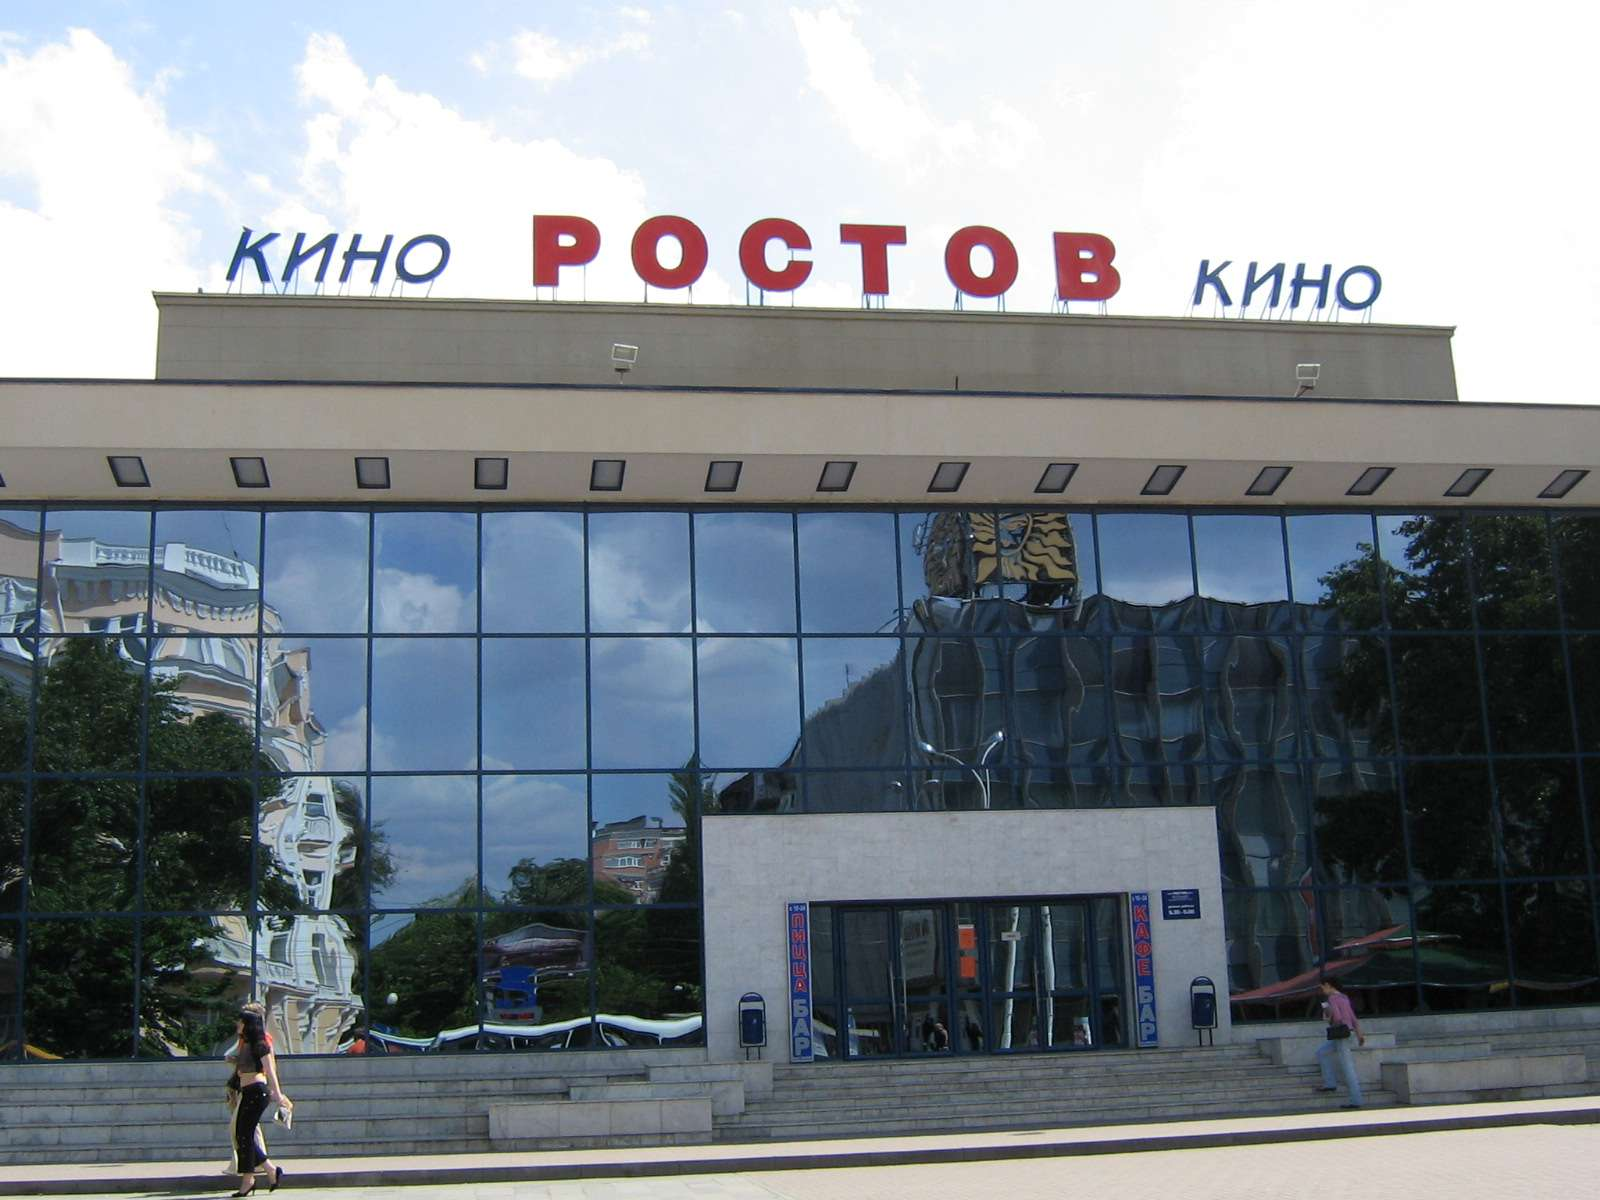 Где посмотреть кино в Ростове-на-Дону? Кинотеатры Ростова-на-Дону